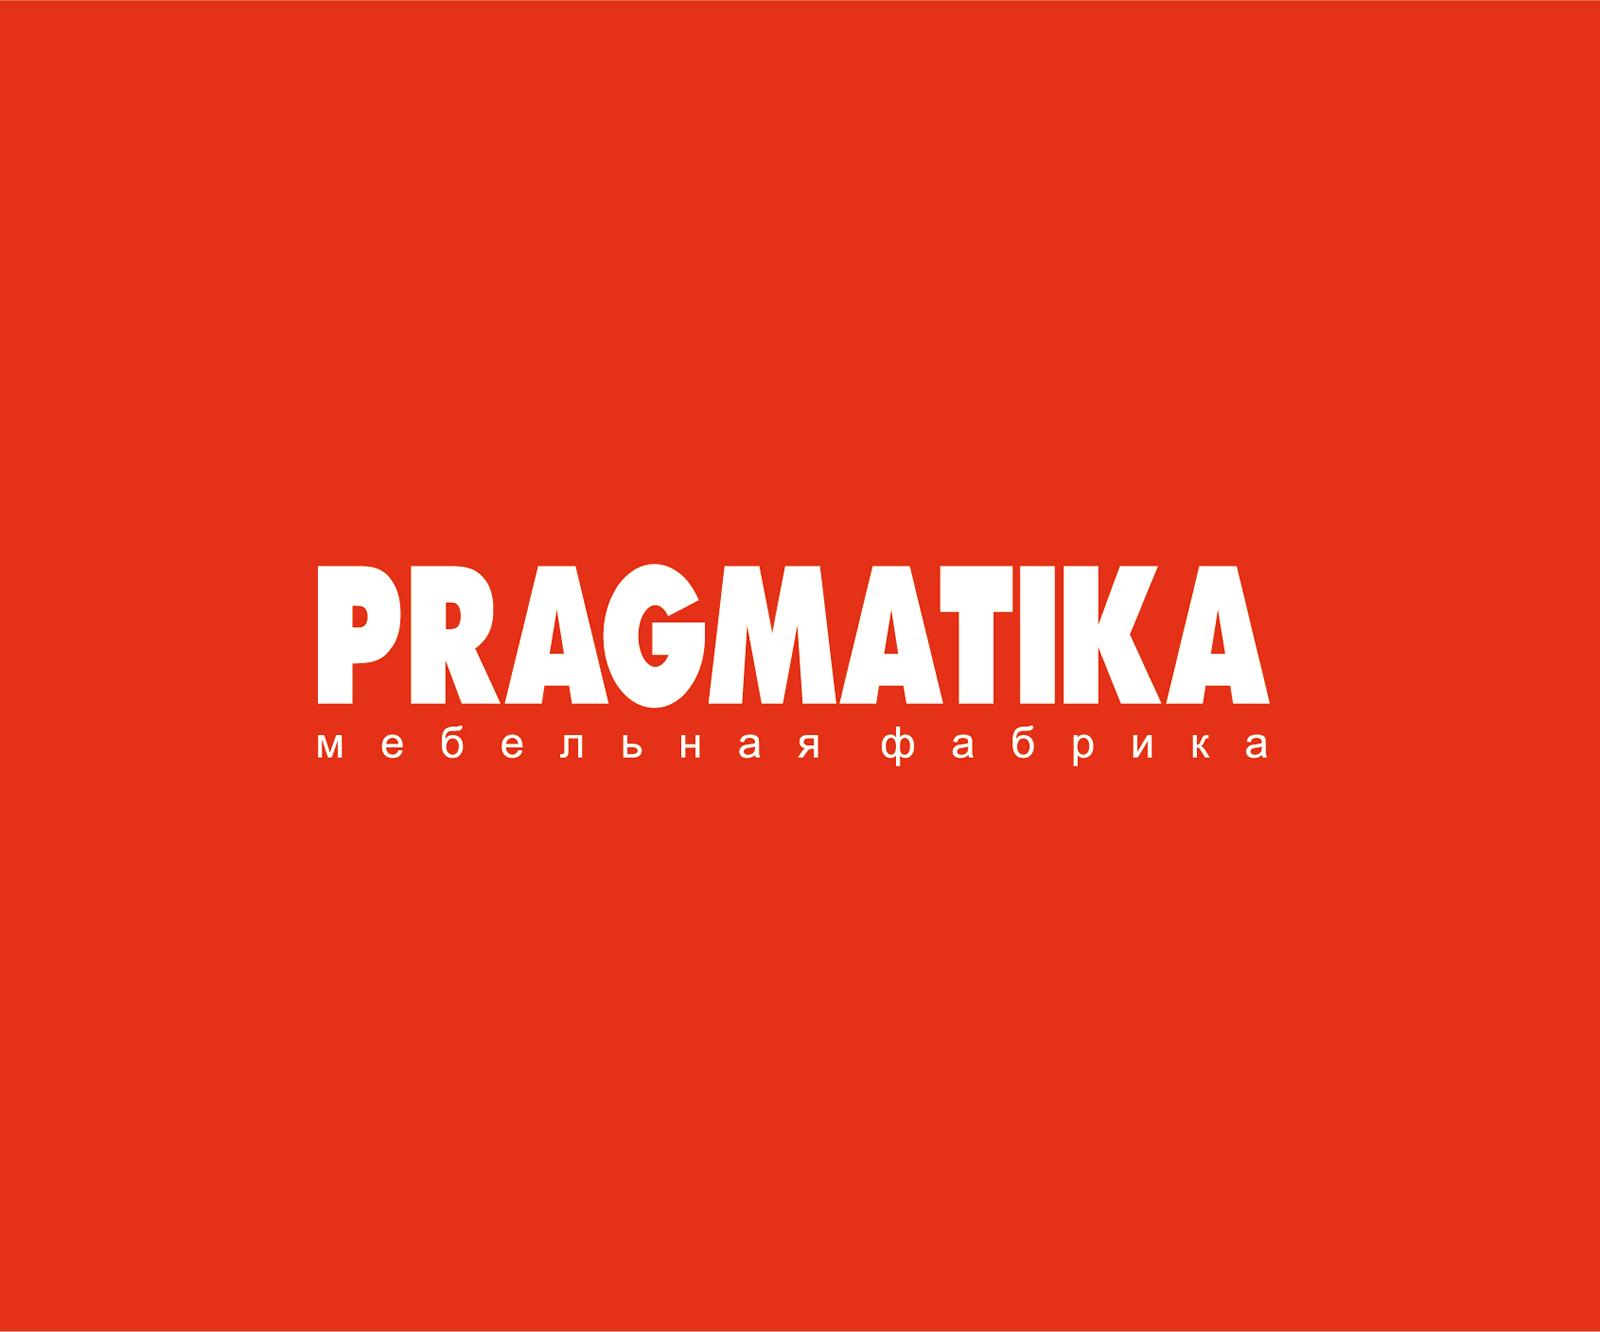 Что такое прагматичность? прагматичность - это… значение.